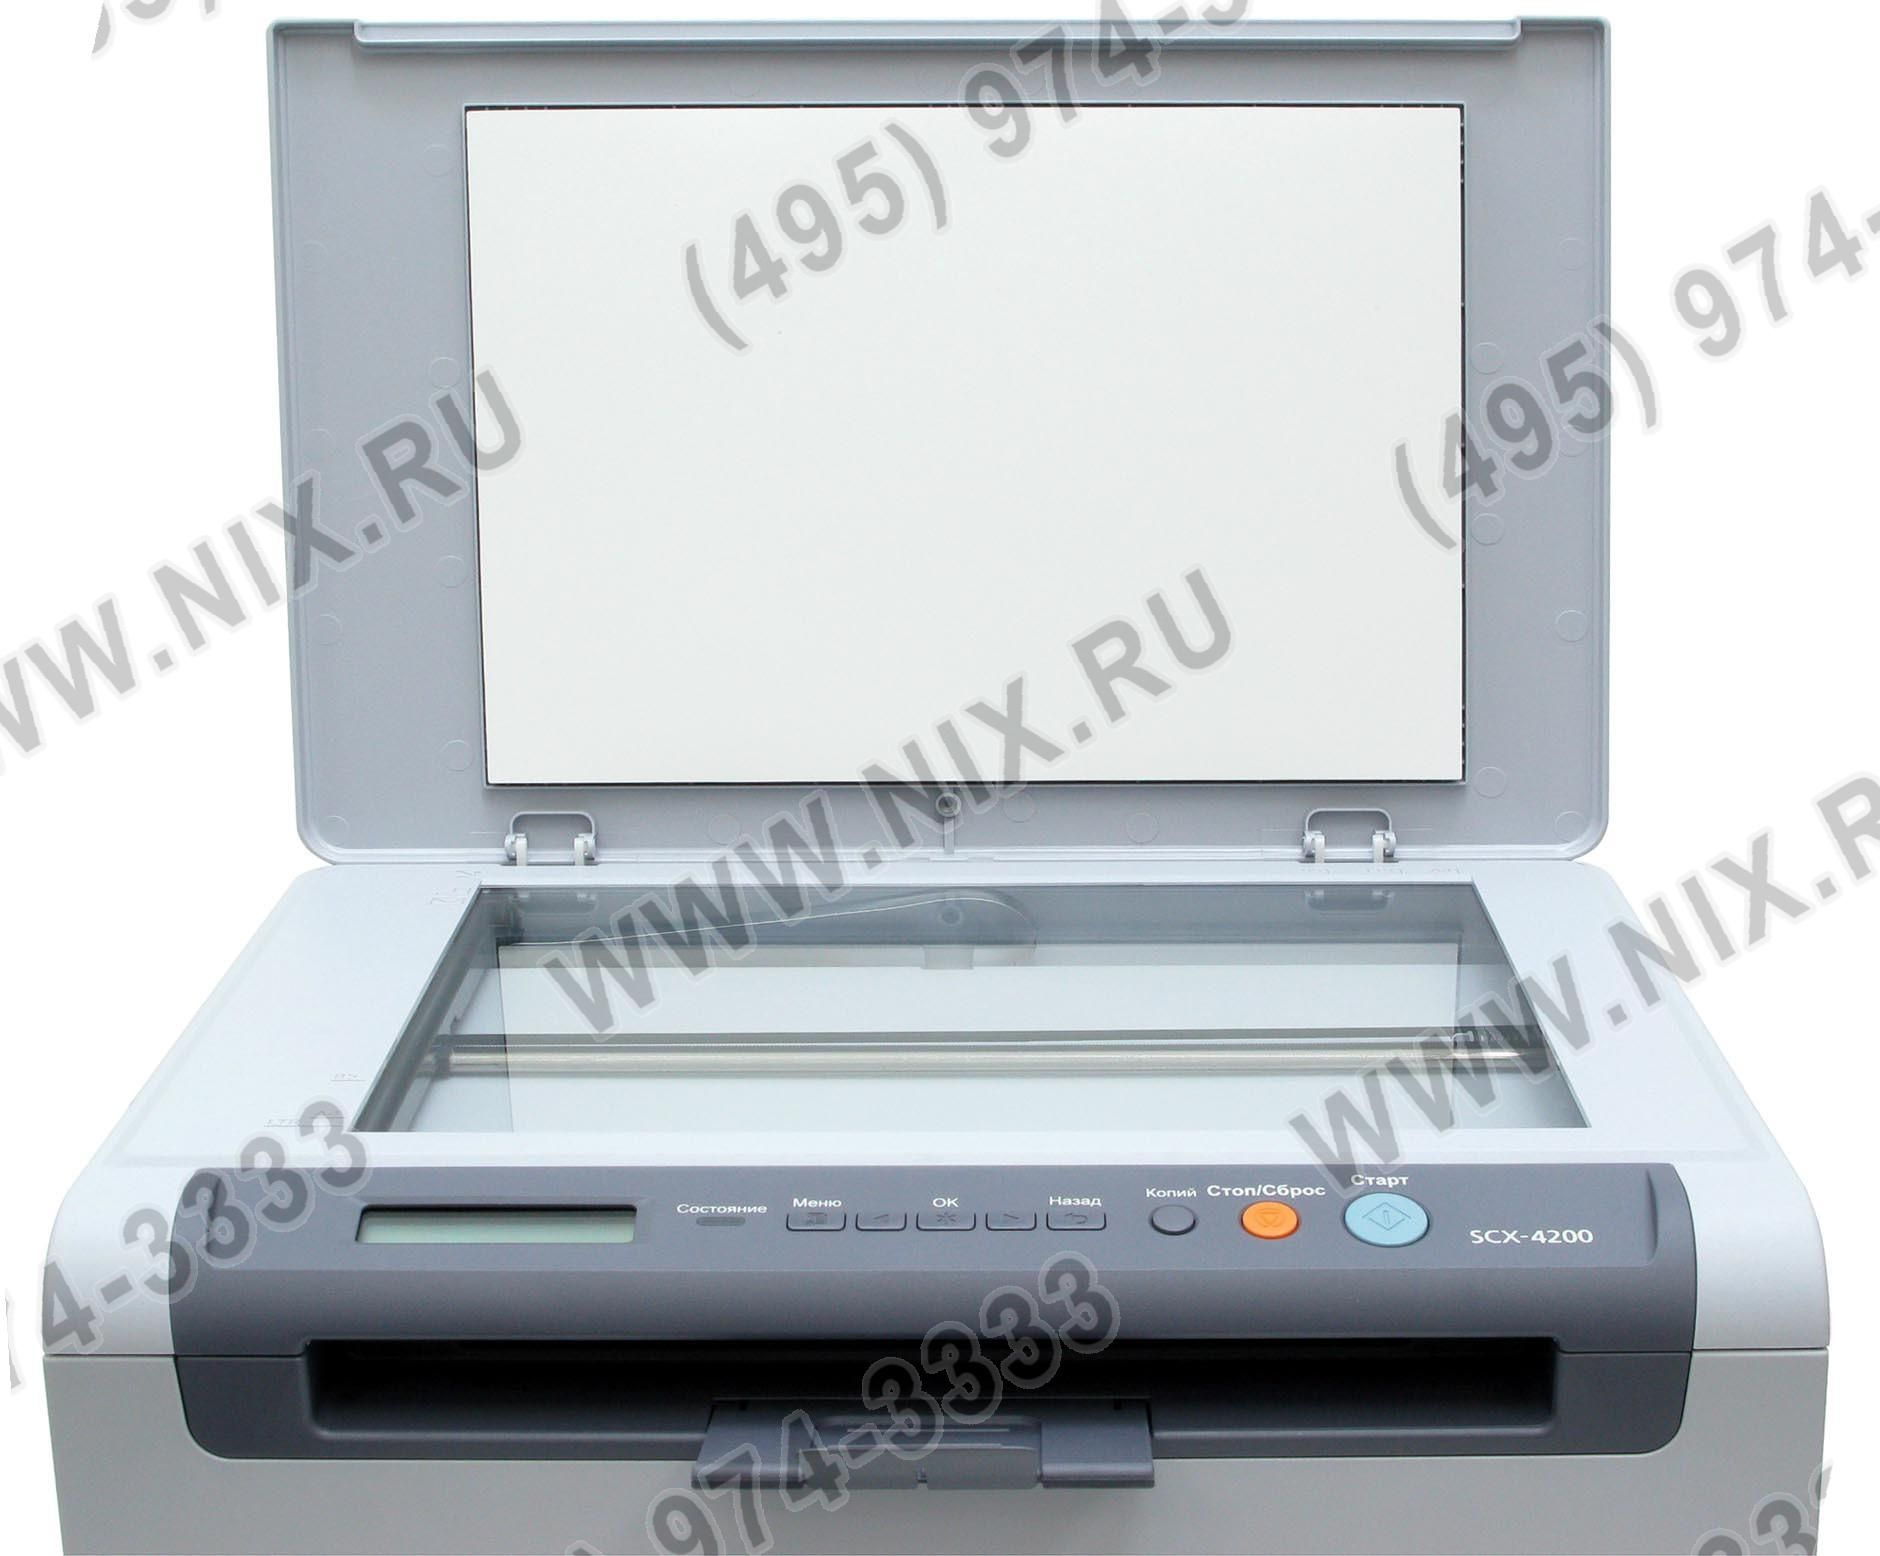 Скачать драйвер сканера samsung scx 4200 комплексные драйвера.